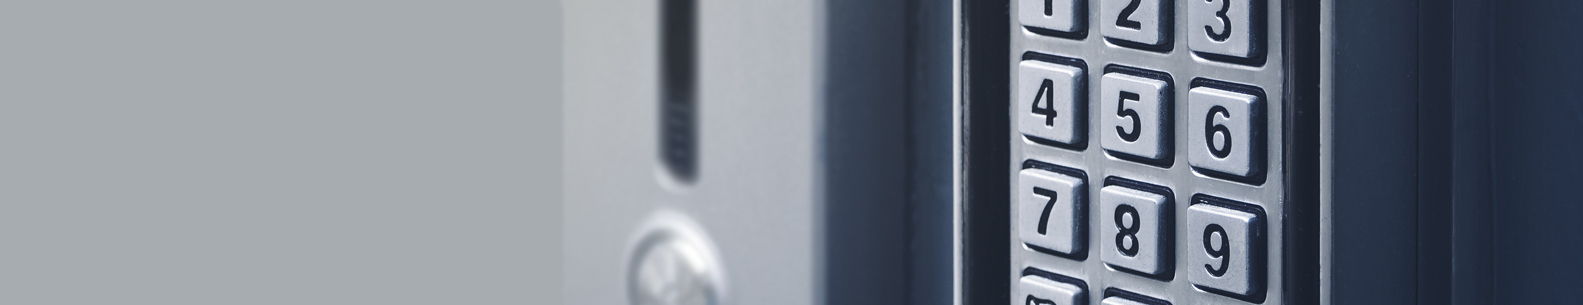 Durų kodiniai užraktai